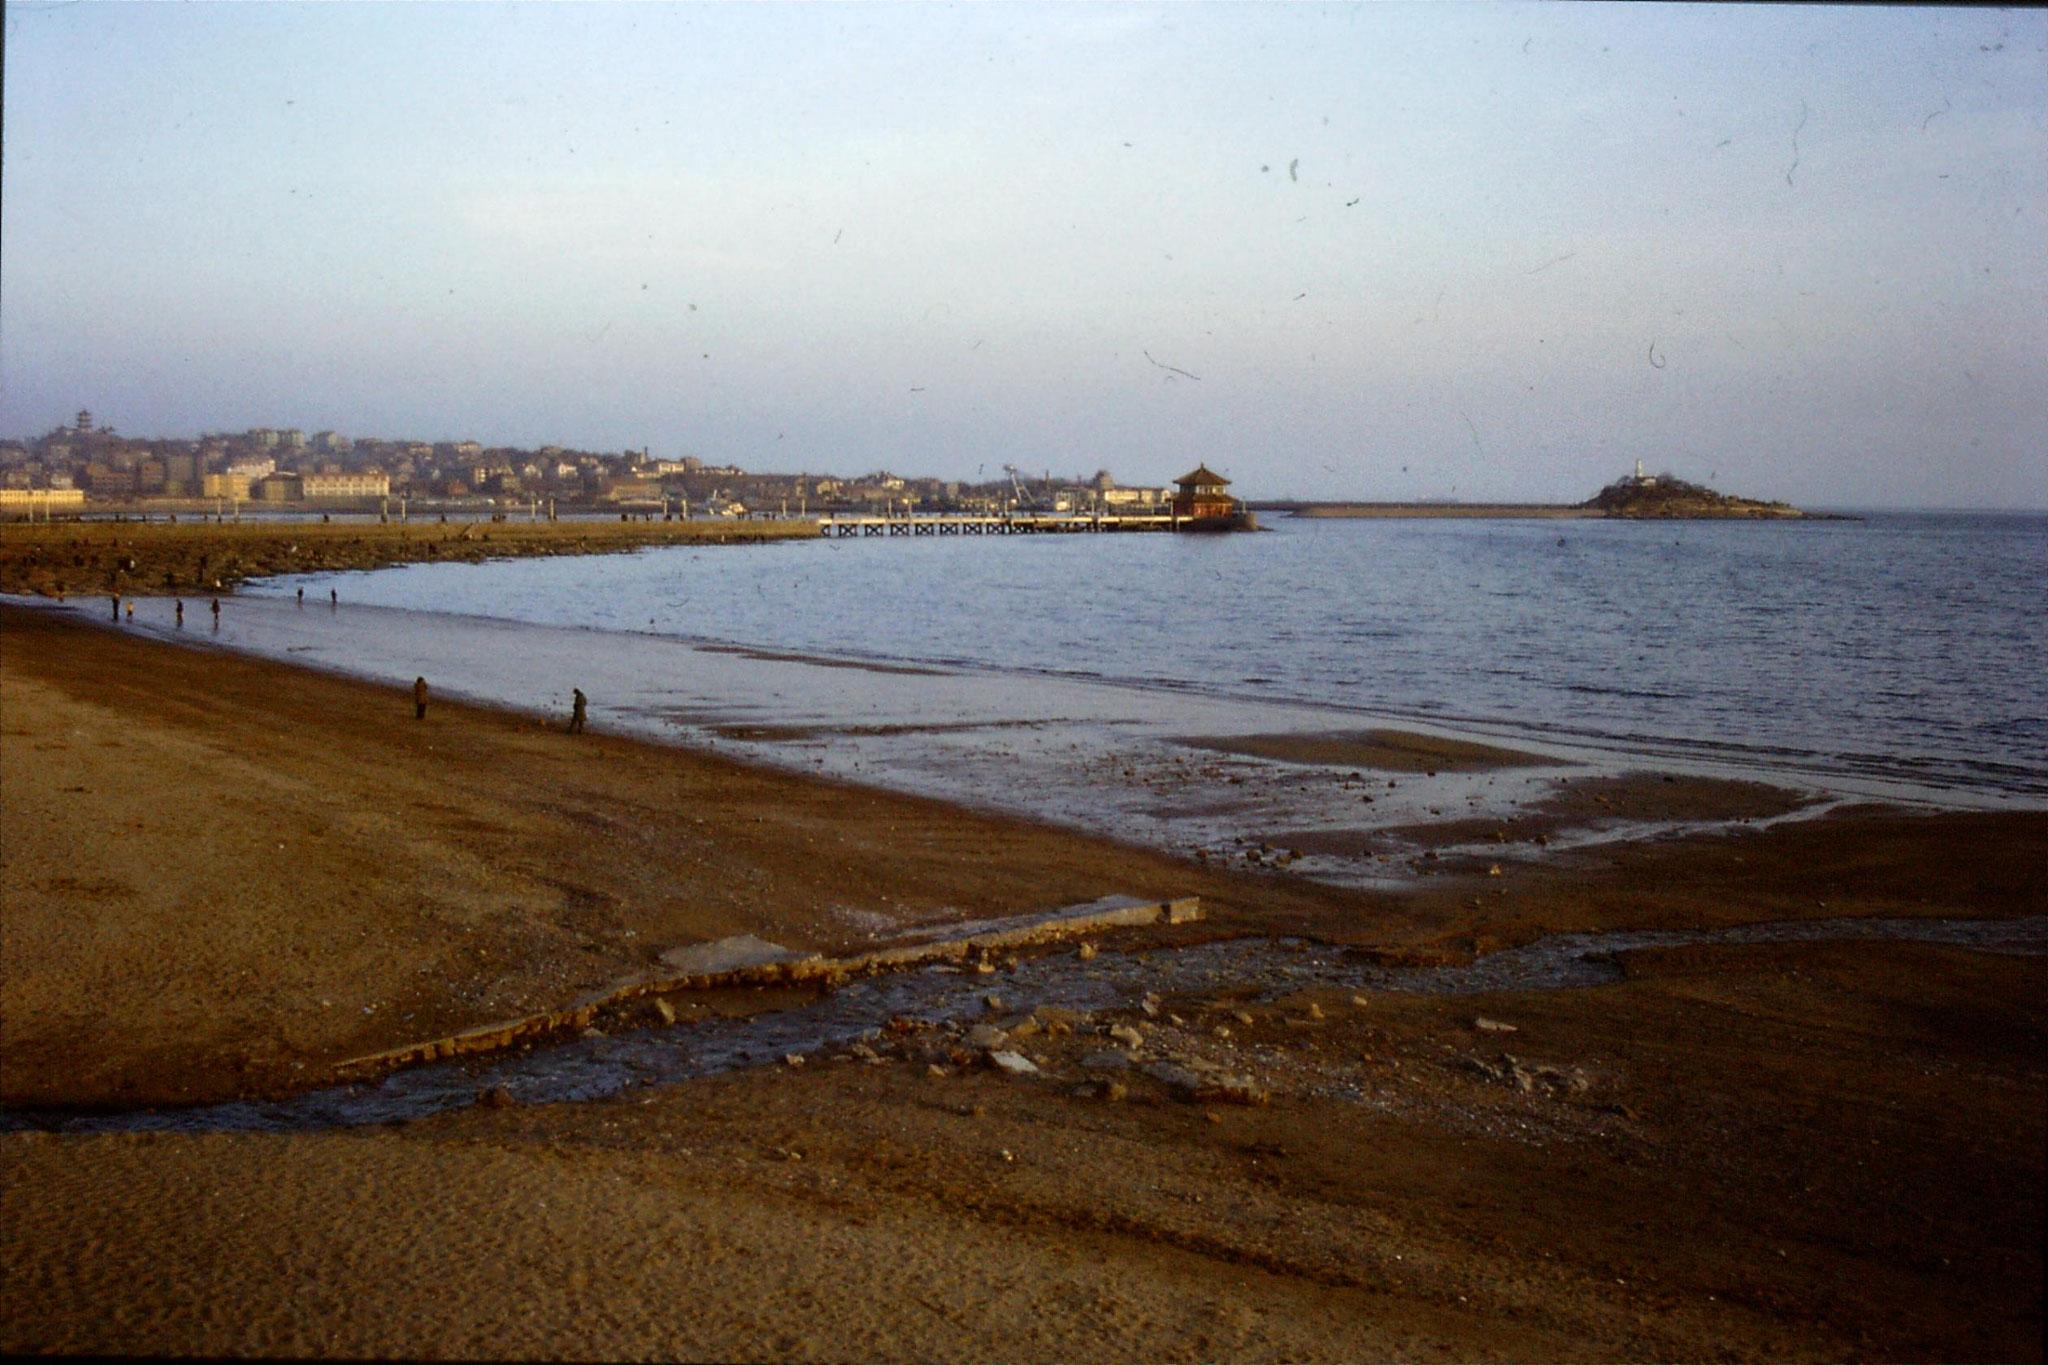 13/2/1989: 34: Qingdao sea front